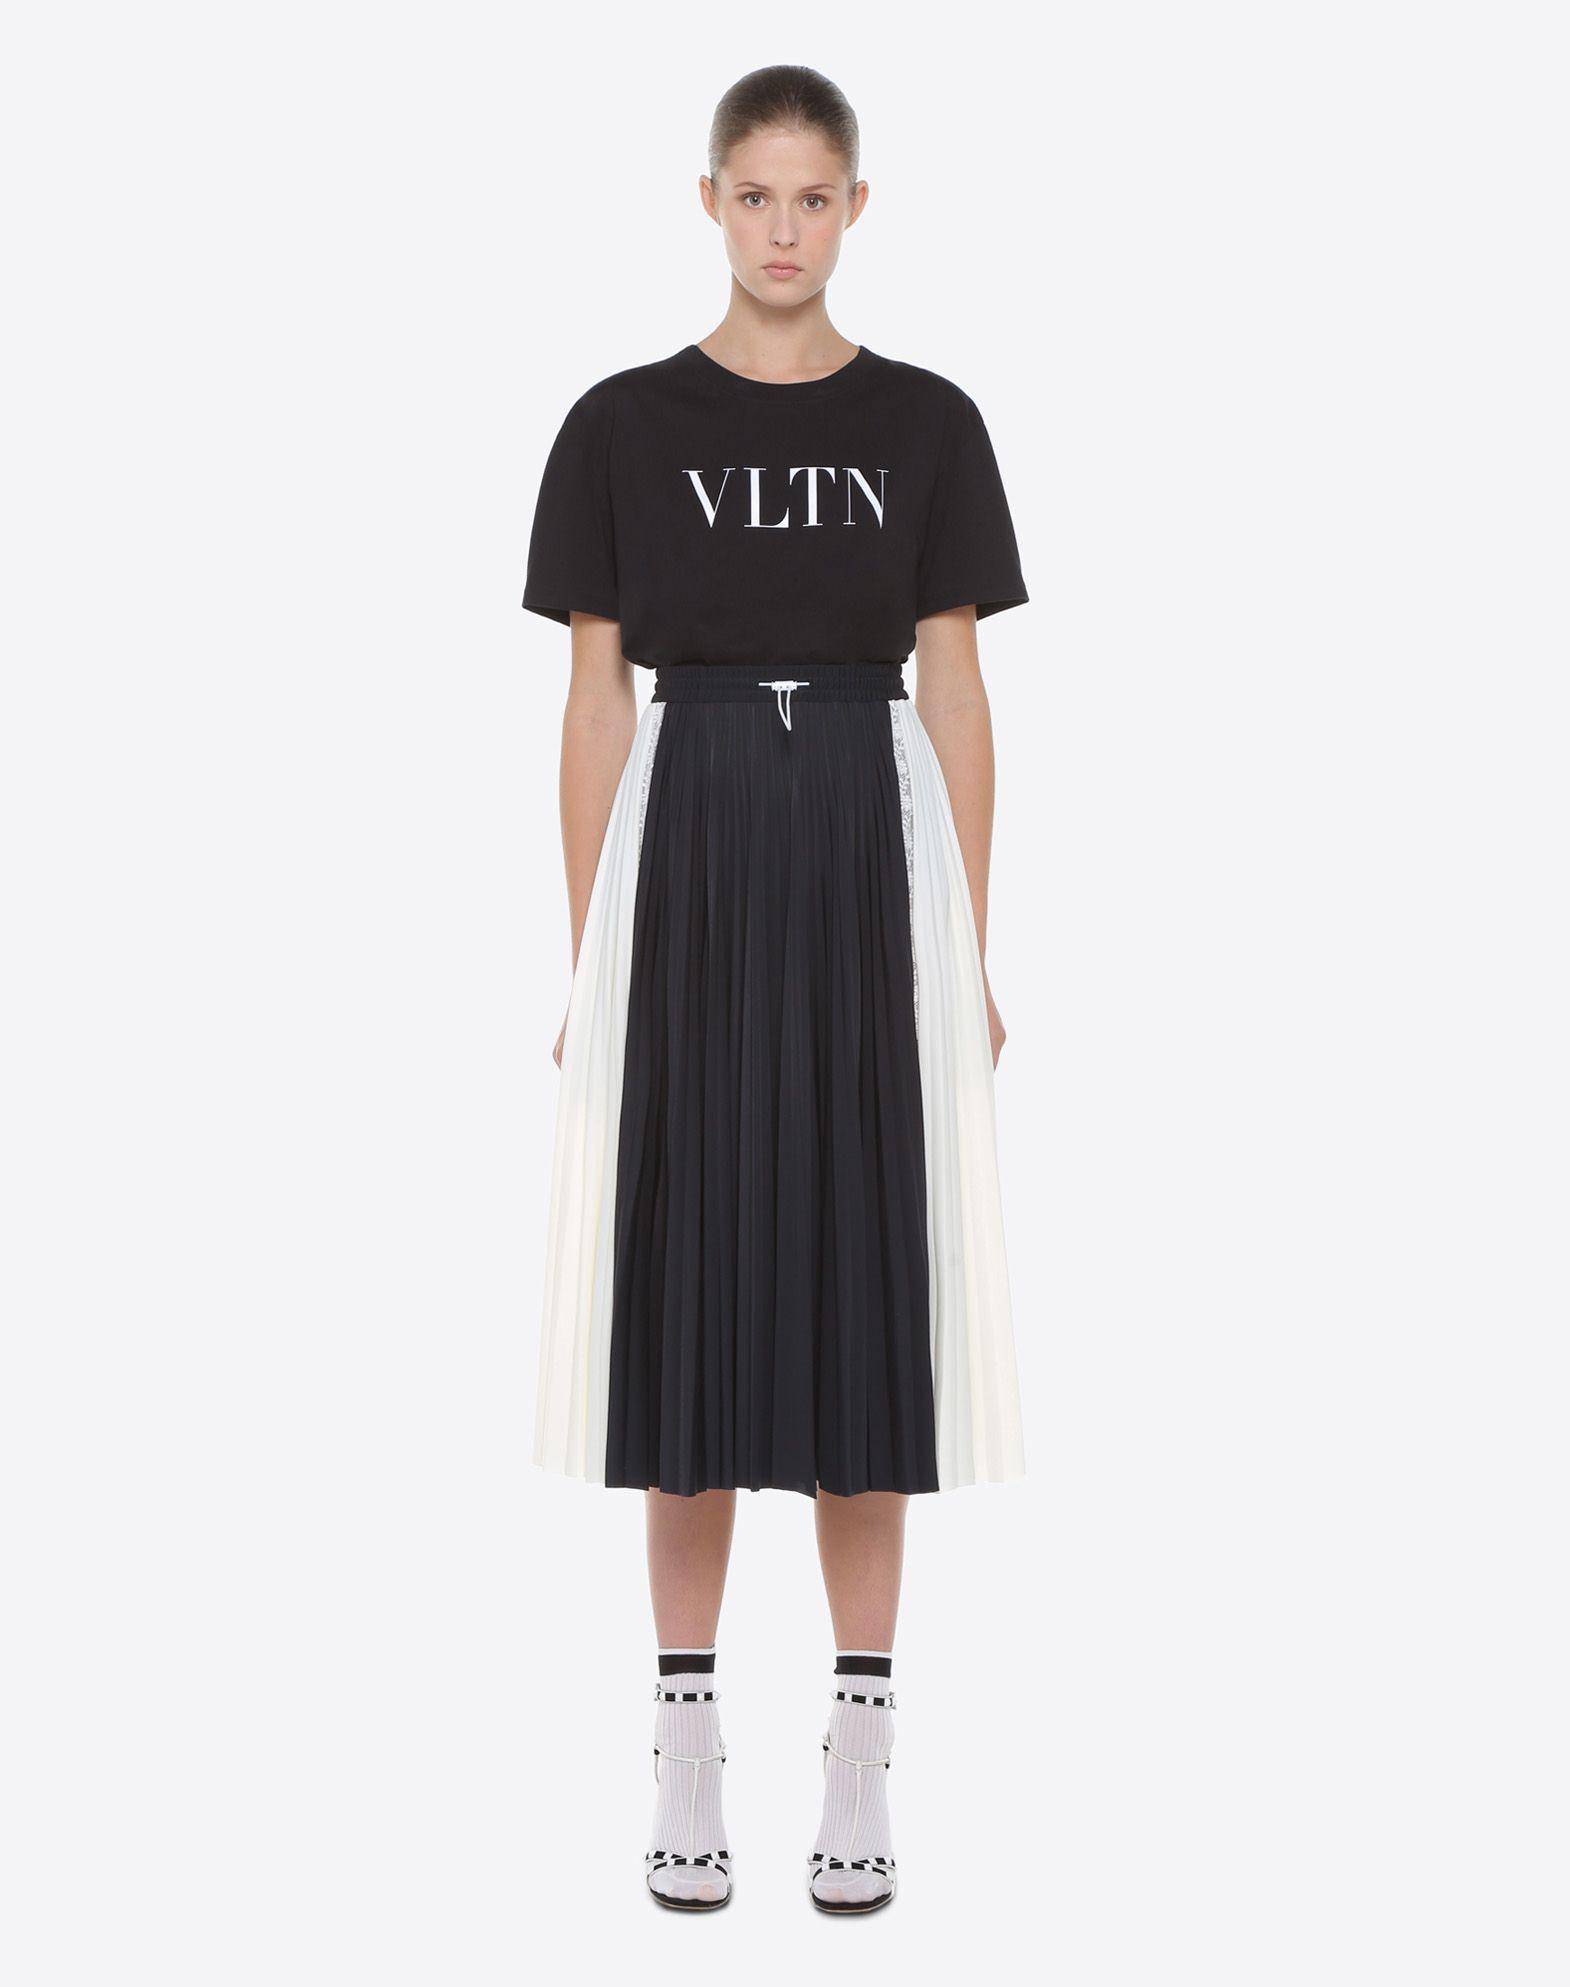 VALENTINO VLTN T 恤 T 恤 D r